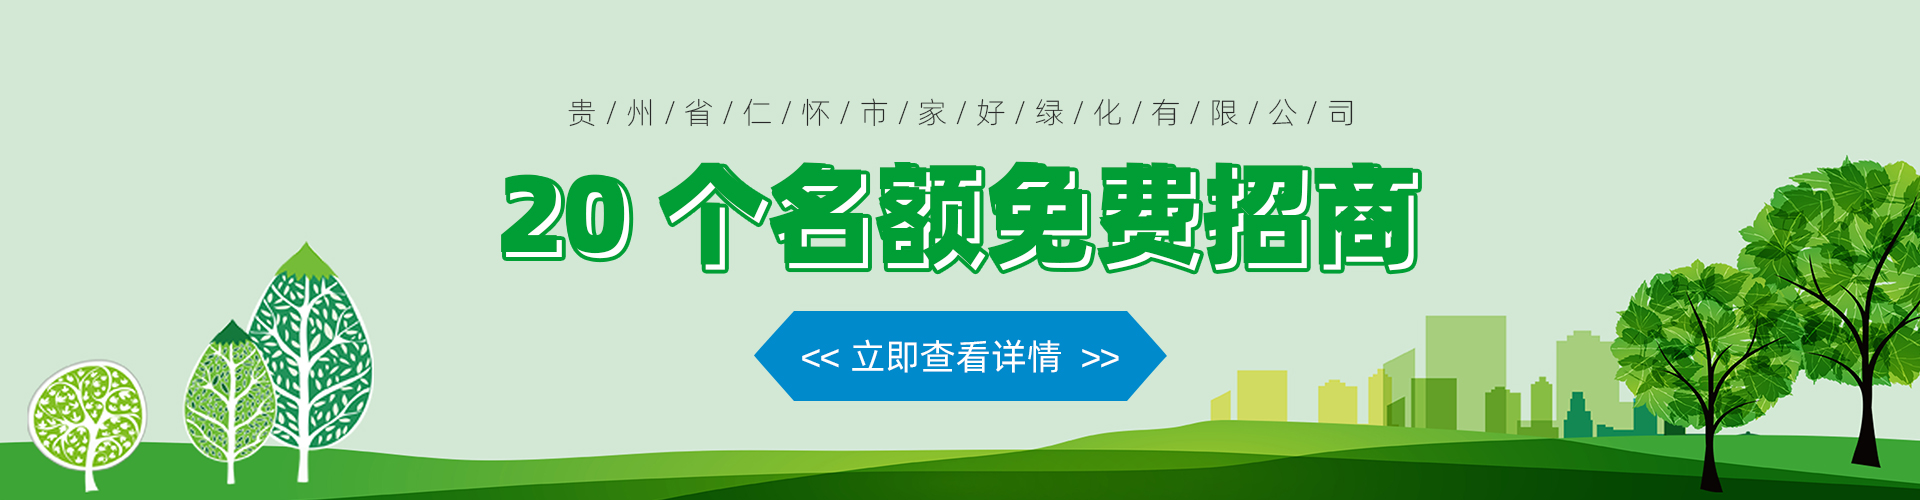 贵州园林加盟网_贵州中介服务加盟-贵州省仁怀市家好绿化有限公司